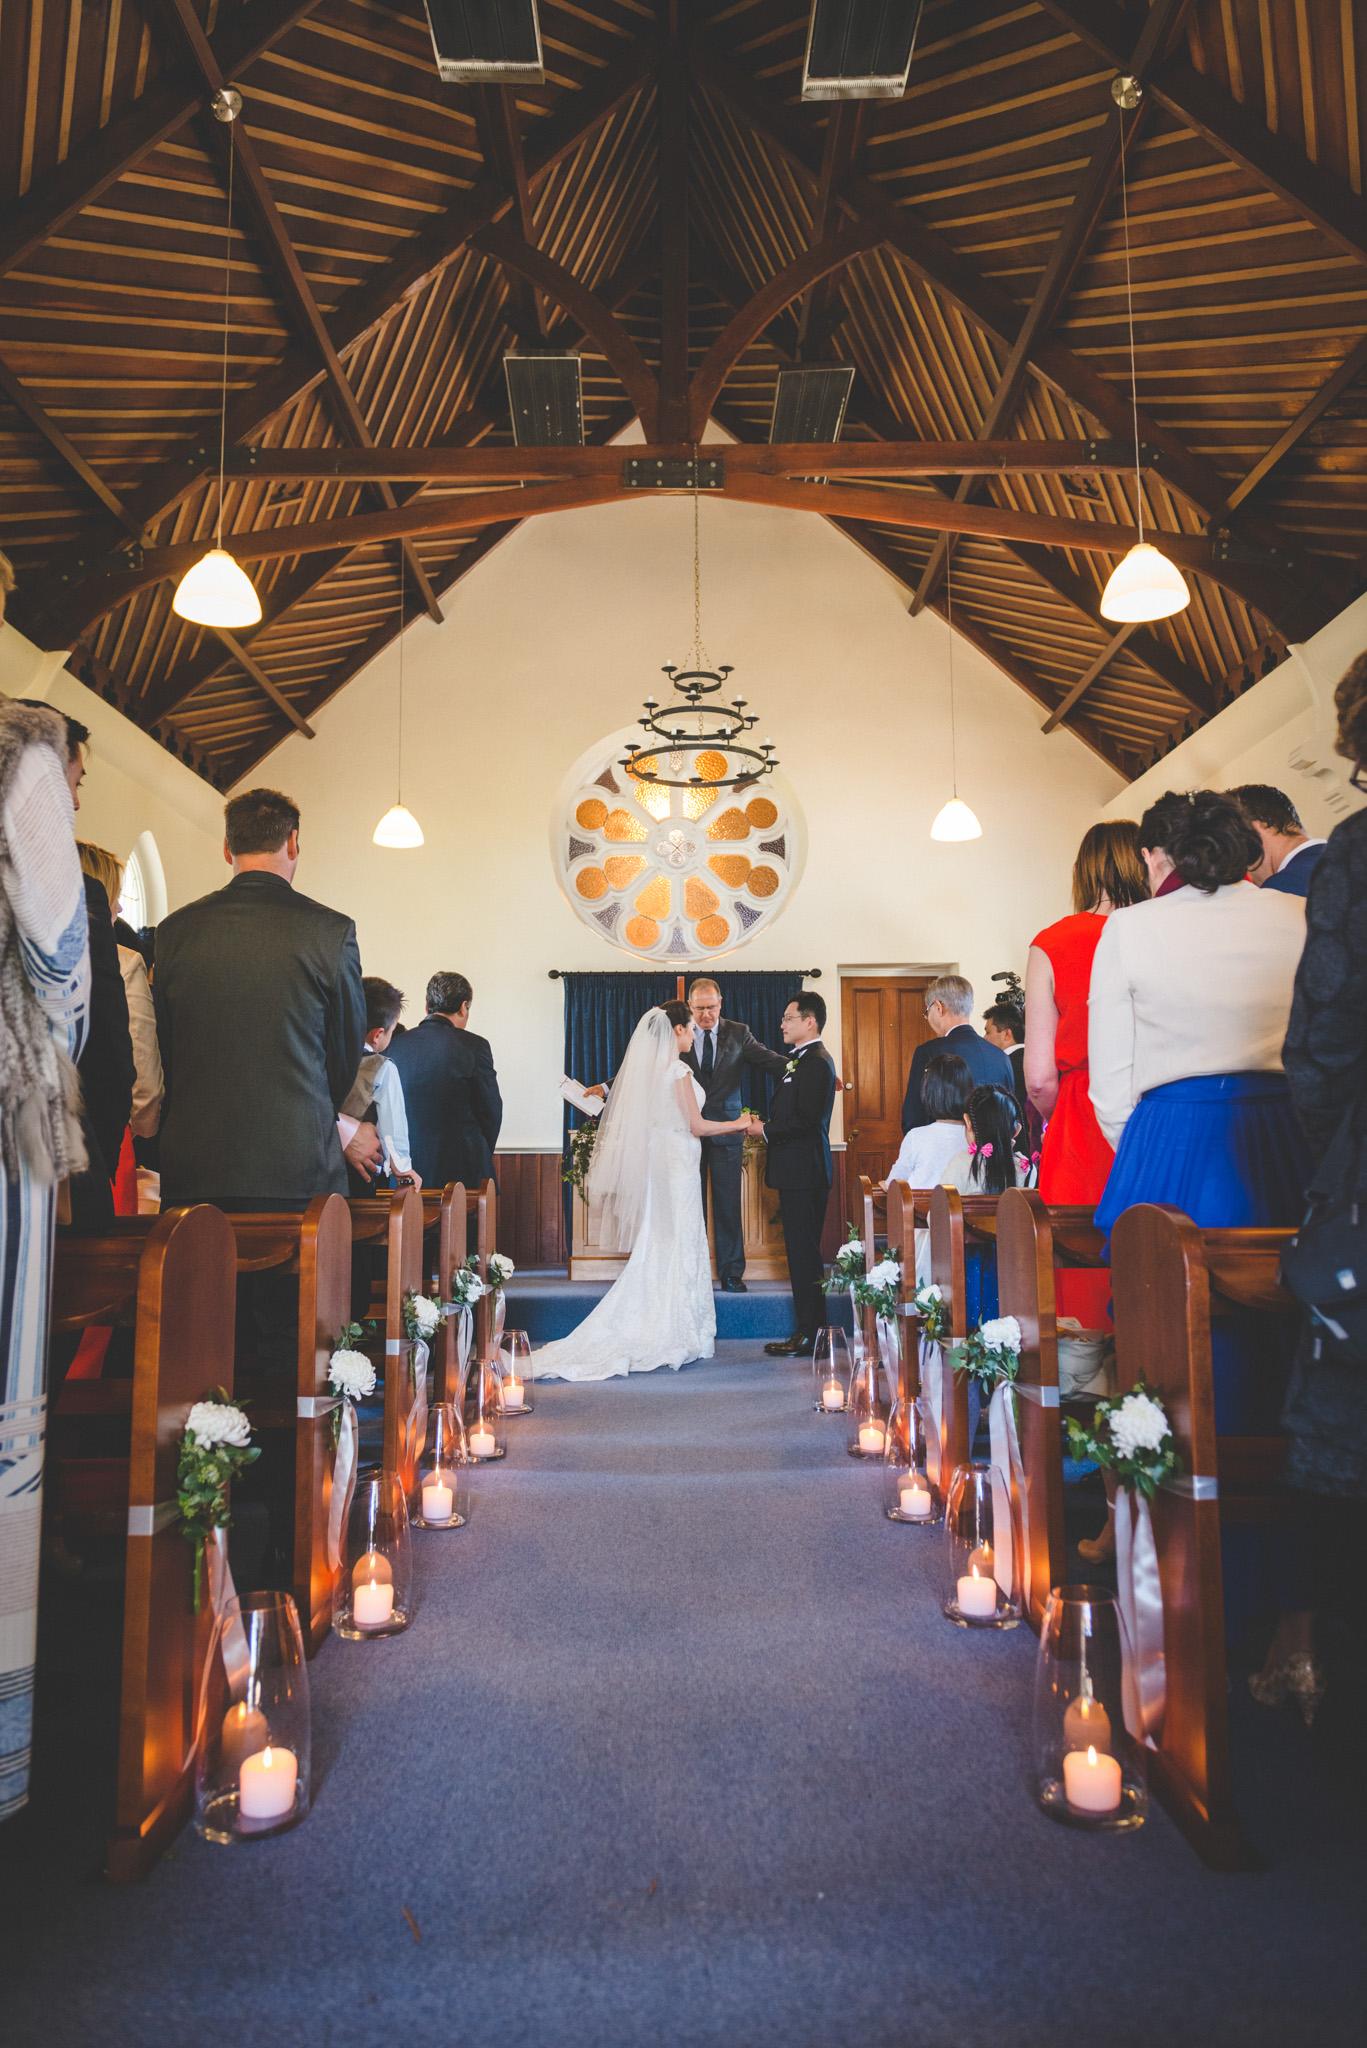 Church ceremony in Queenstown NZ